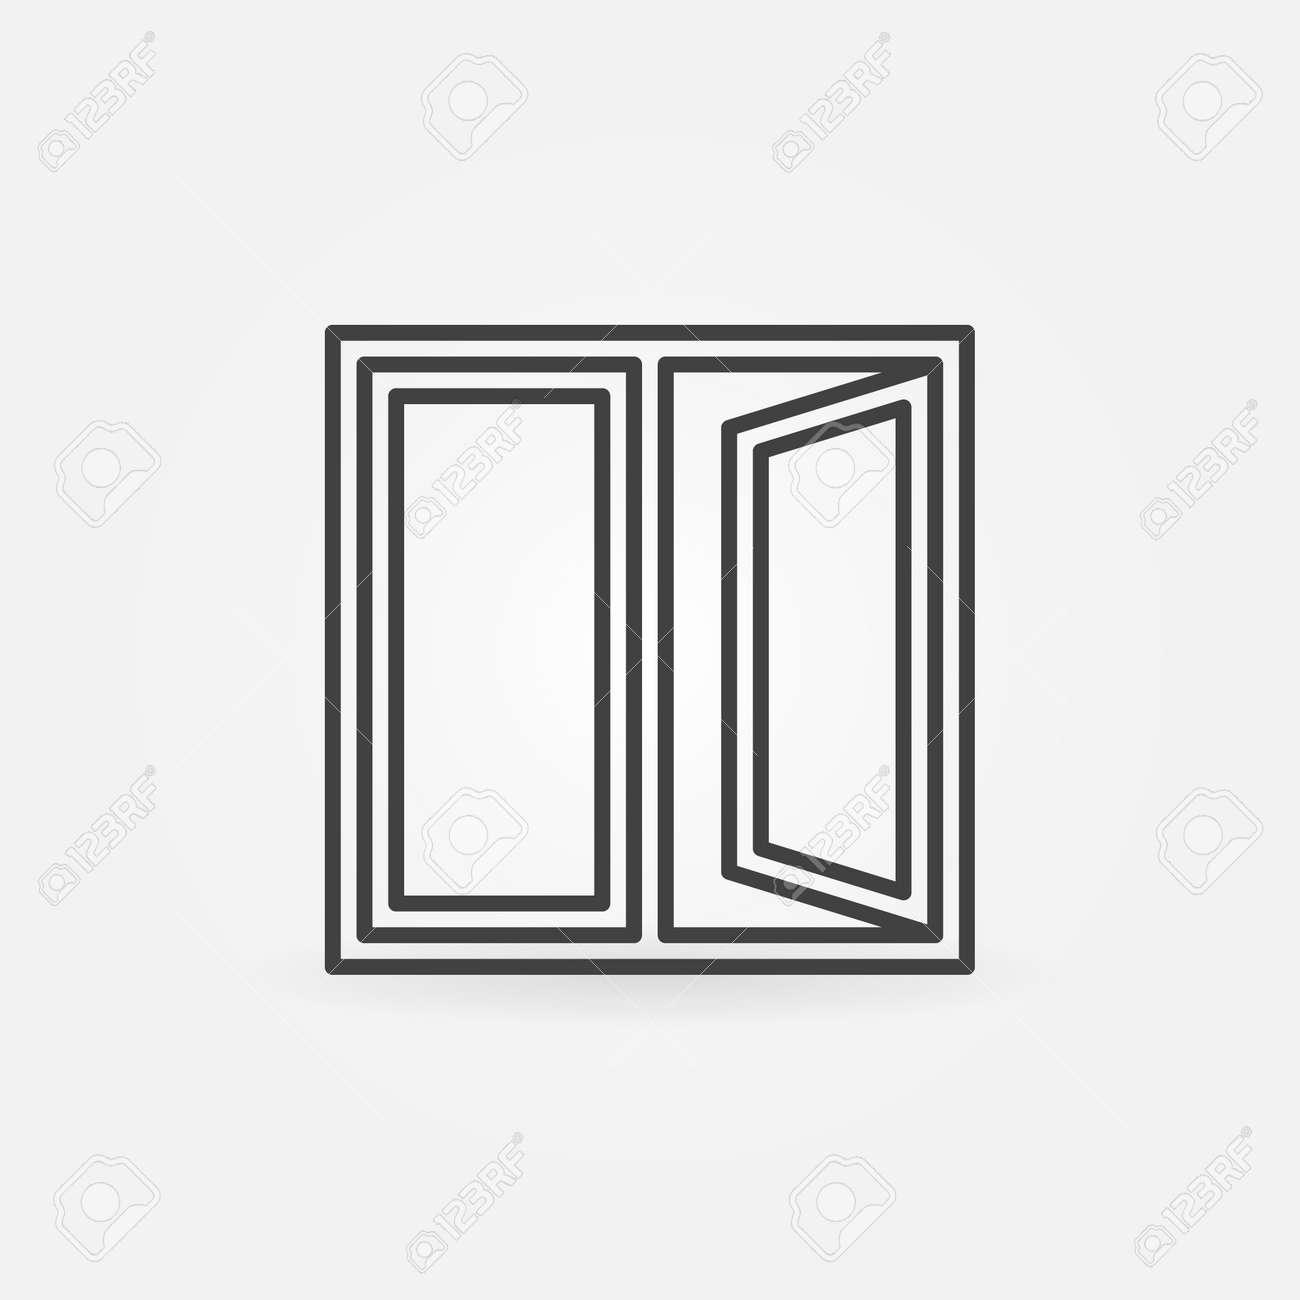 Offenes fenster von außen  Fenster Umriss-Symbol. Vector Offenes Fenster Zeichen Oder ...